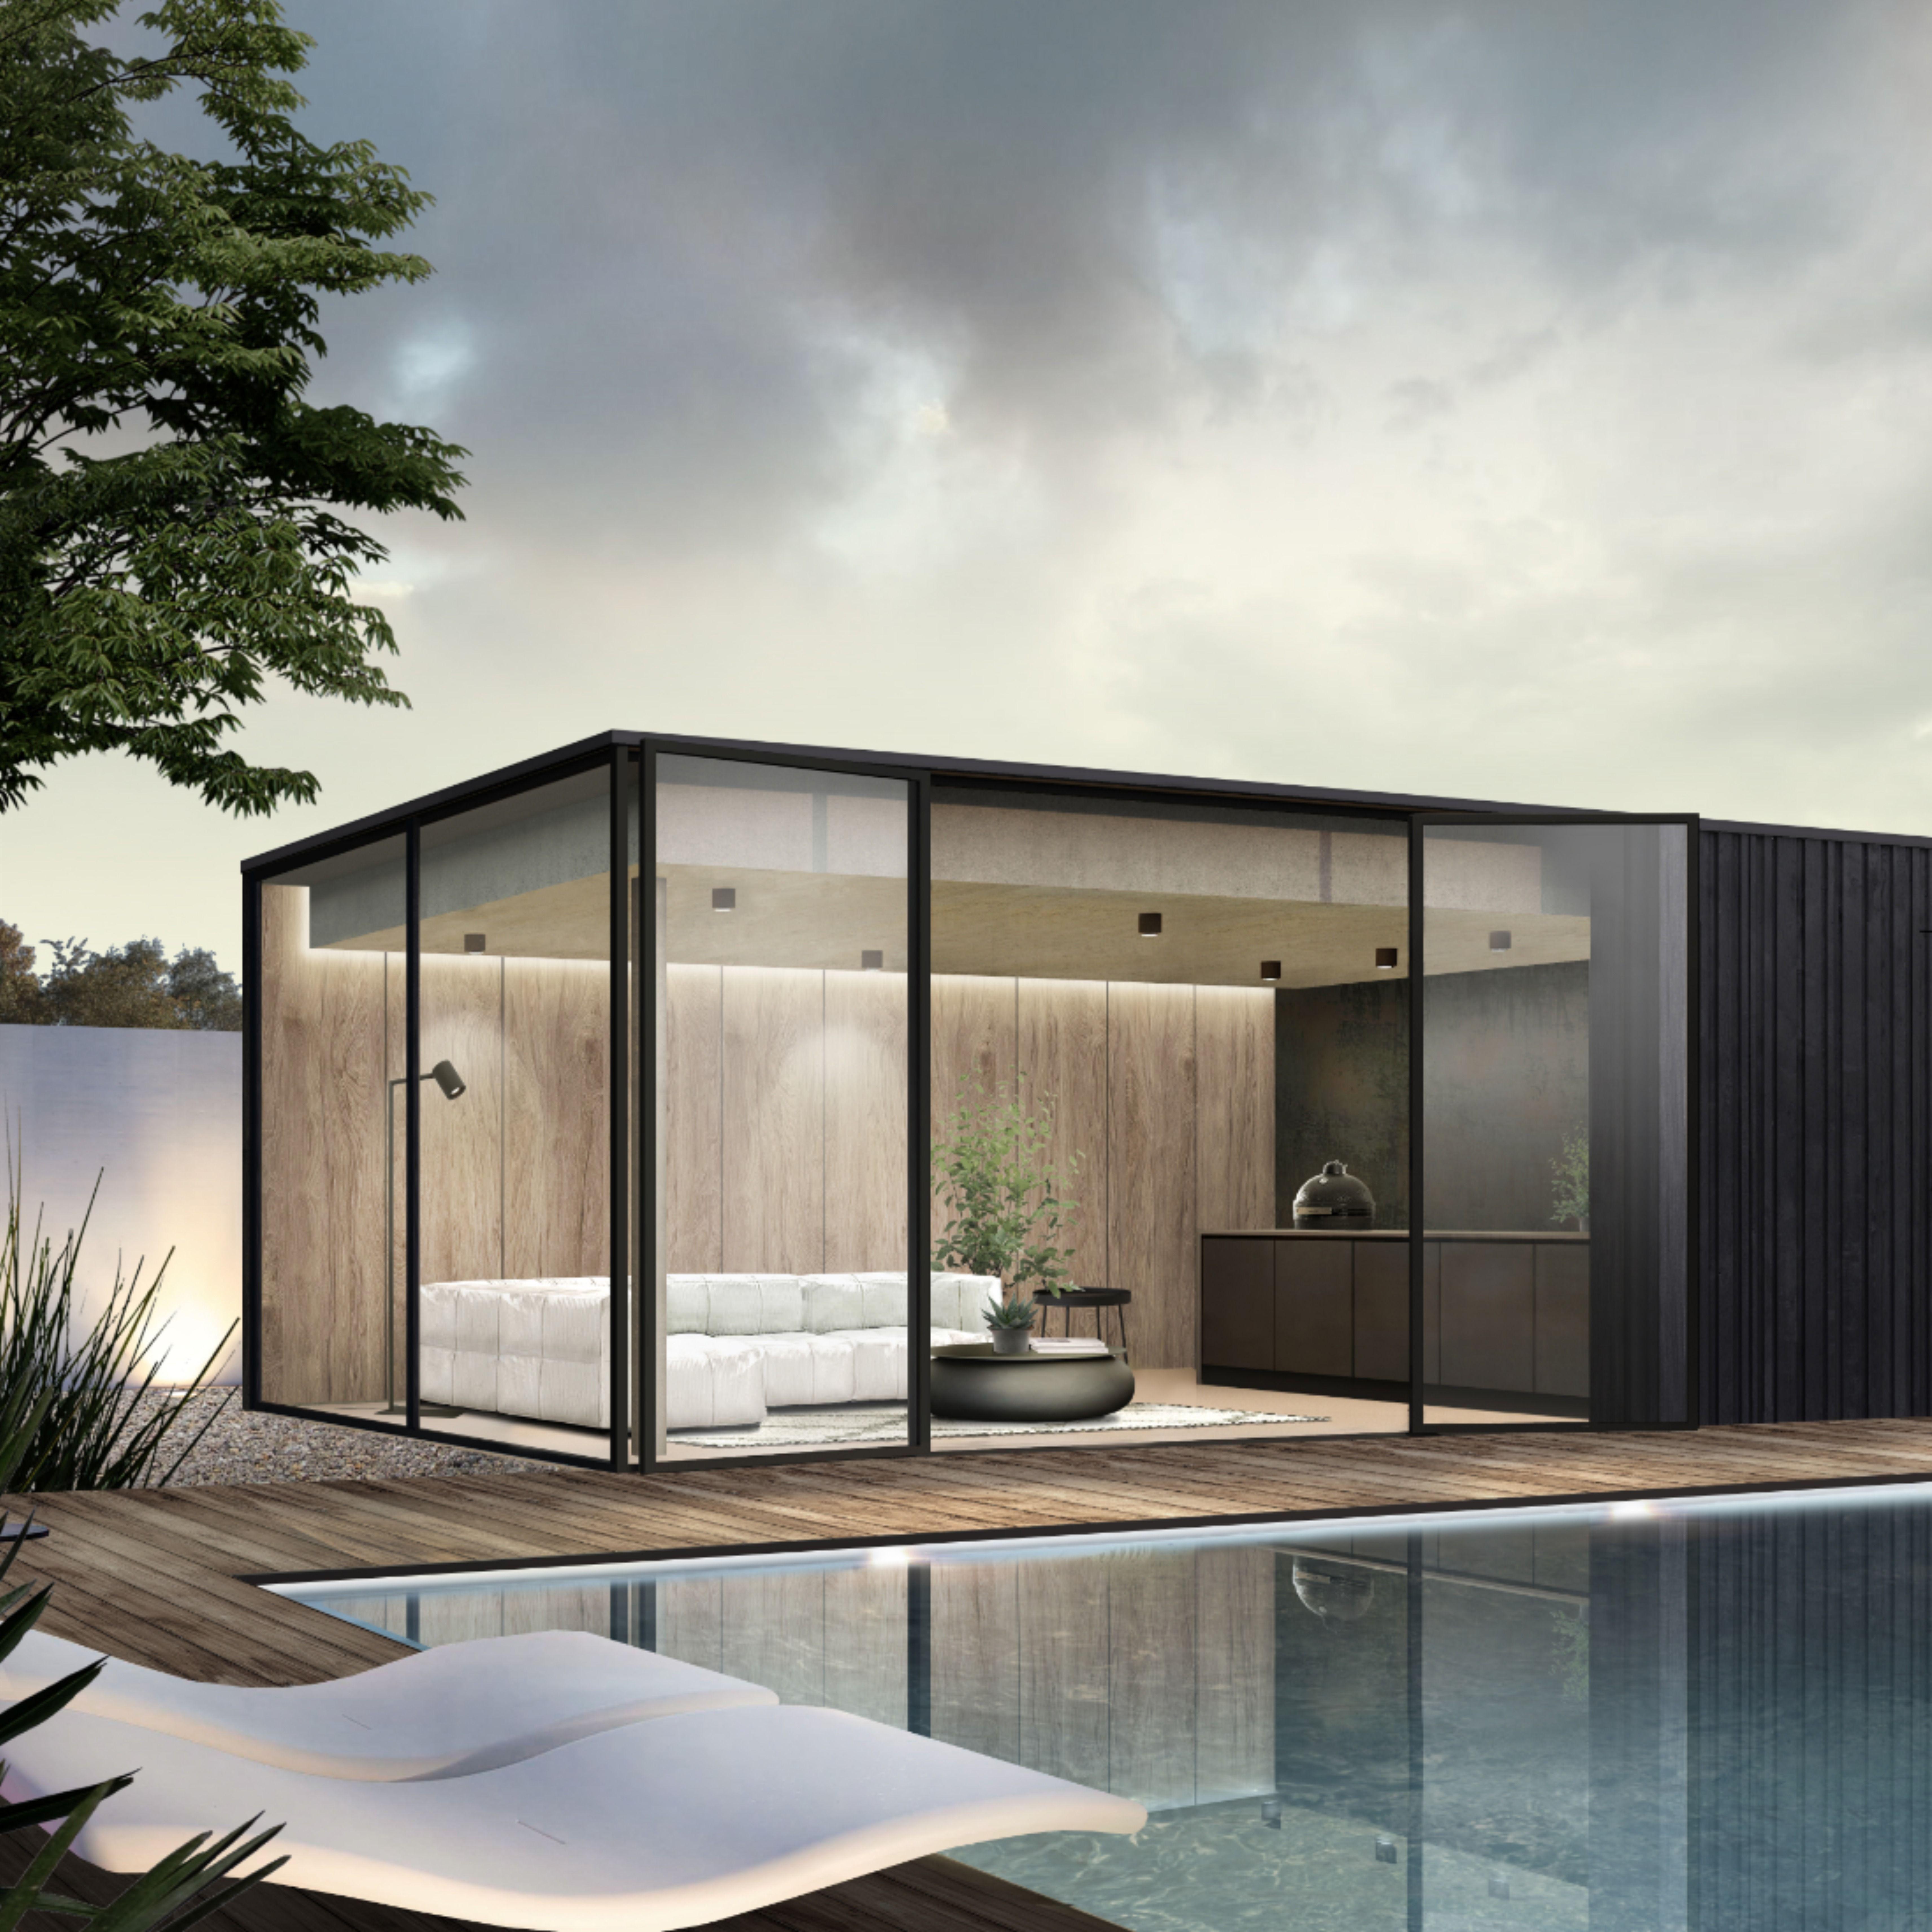 Buitenverblijf Met Bar In 2020 Pool Houses Modern Sliding Doors Sliding Doors Exterior